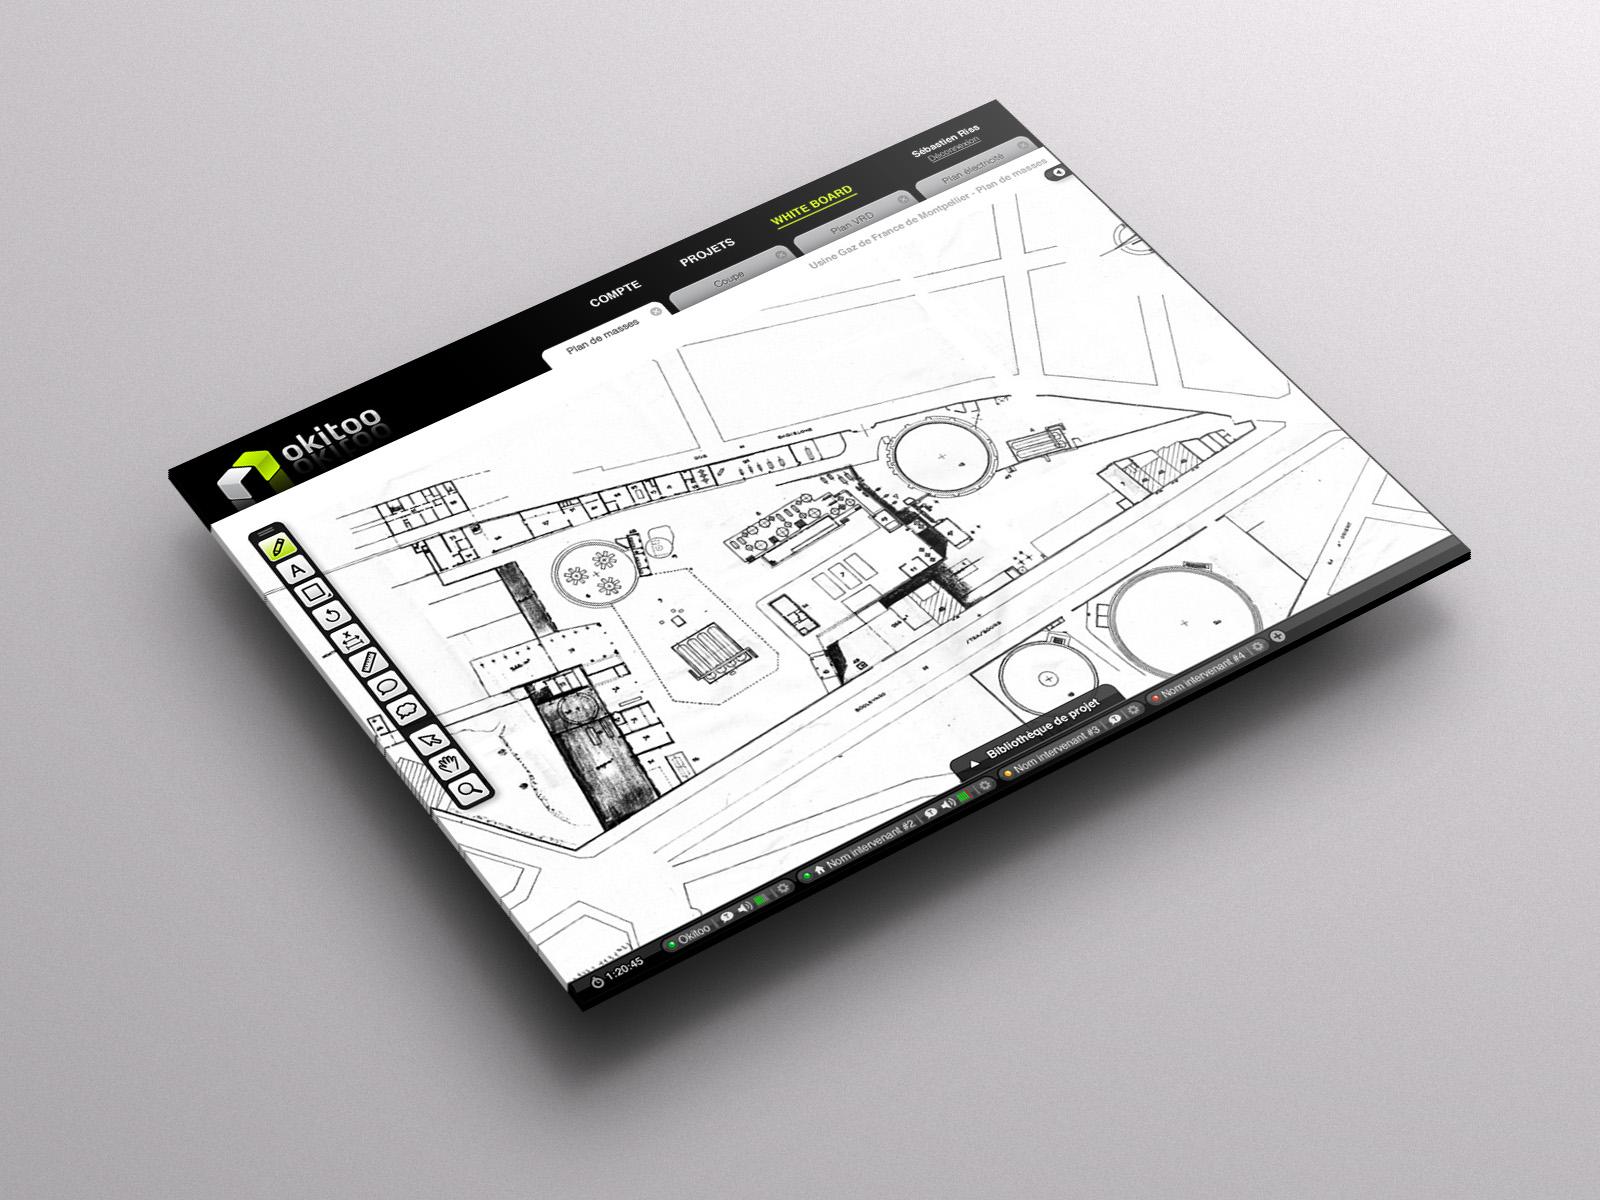 Okitoo - Interface 2